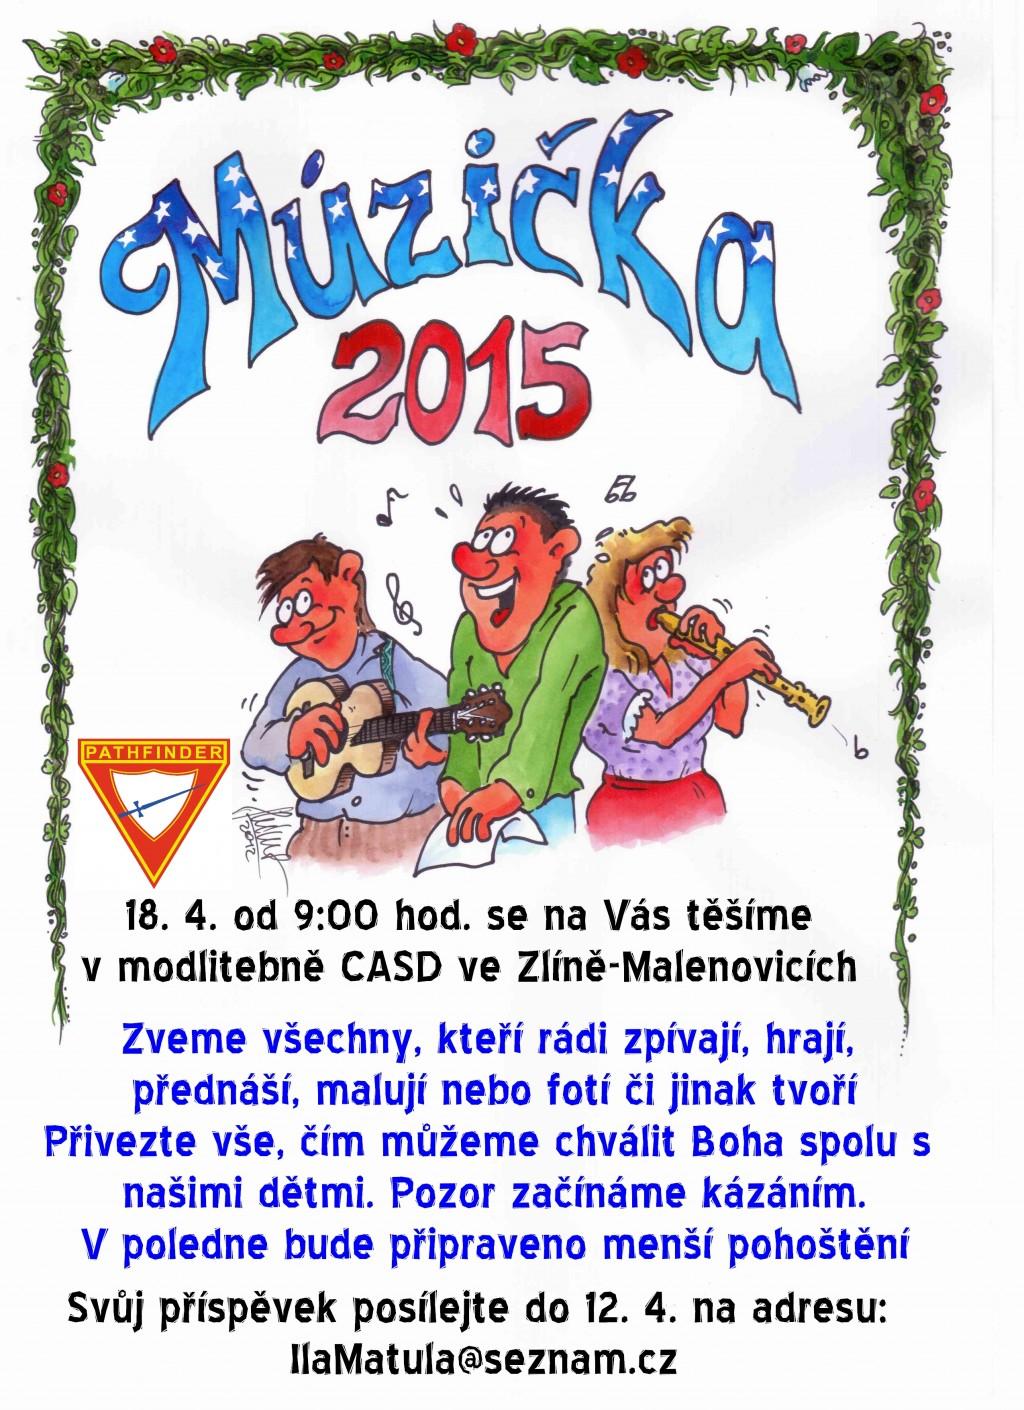 Múzička 2015 pozvánka